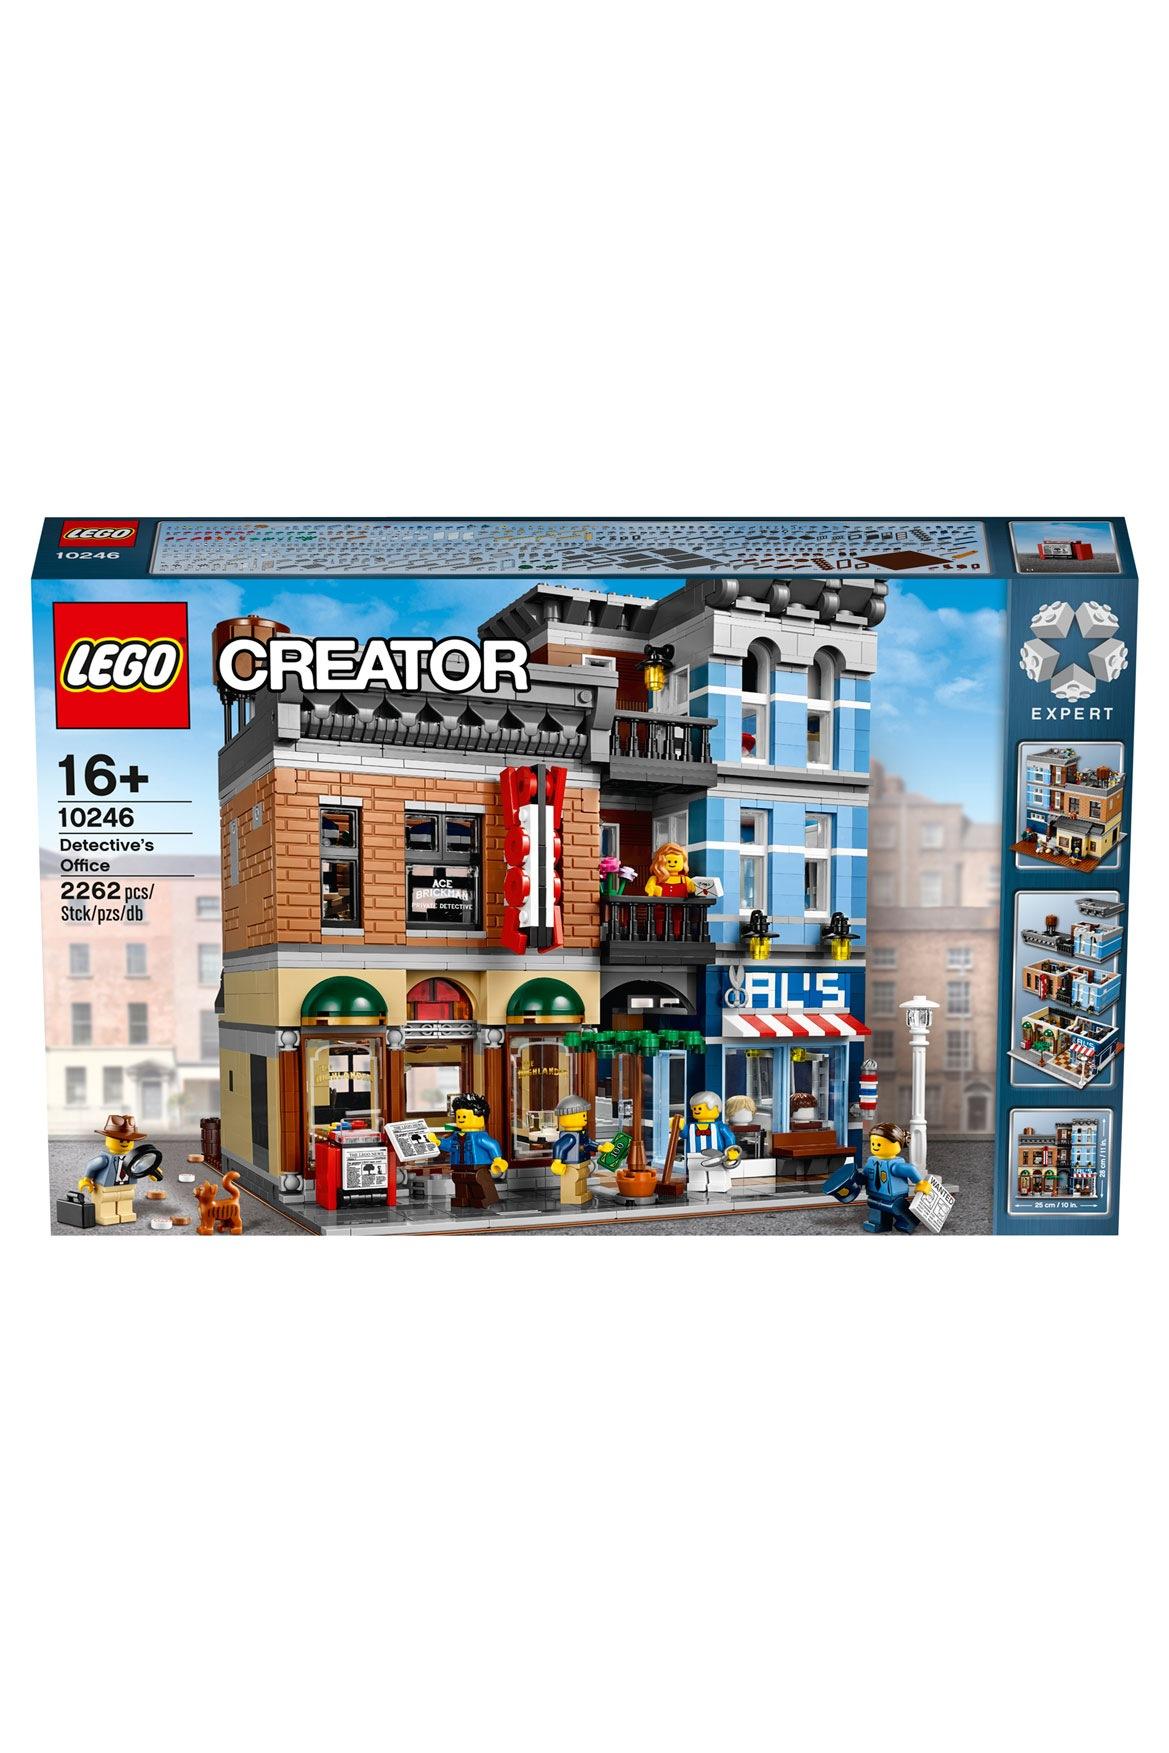 lego creator expert detectives office 10246 myer online. Black Bedroom Furniture Sets. Home Design Ideas